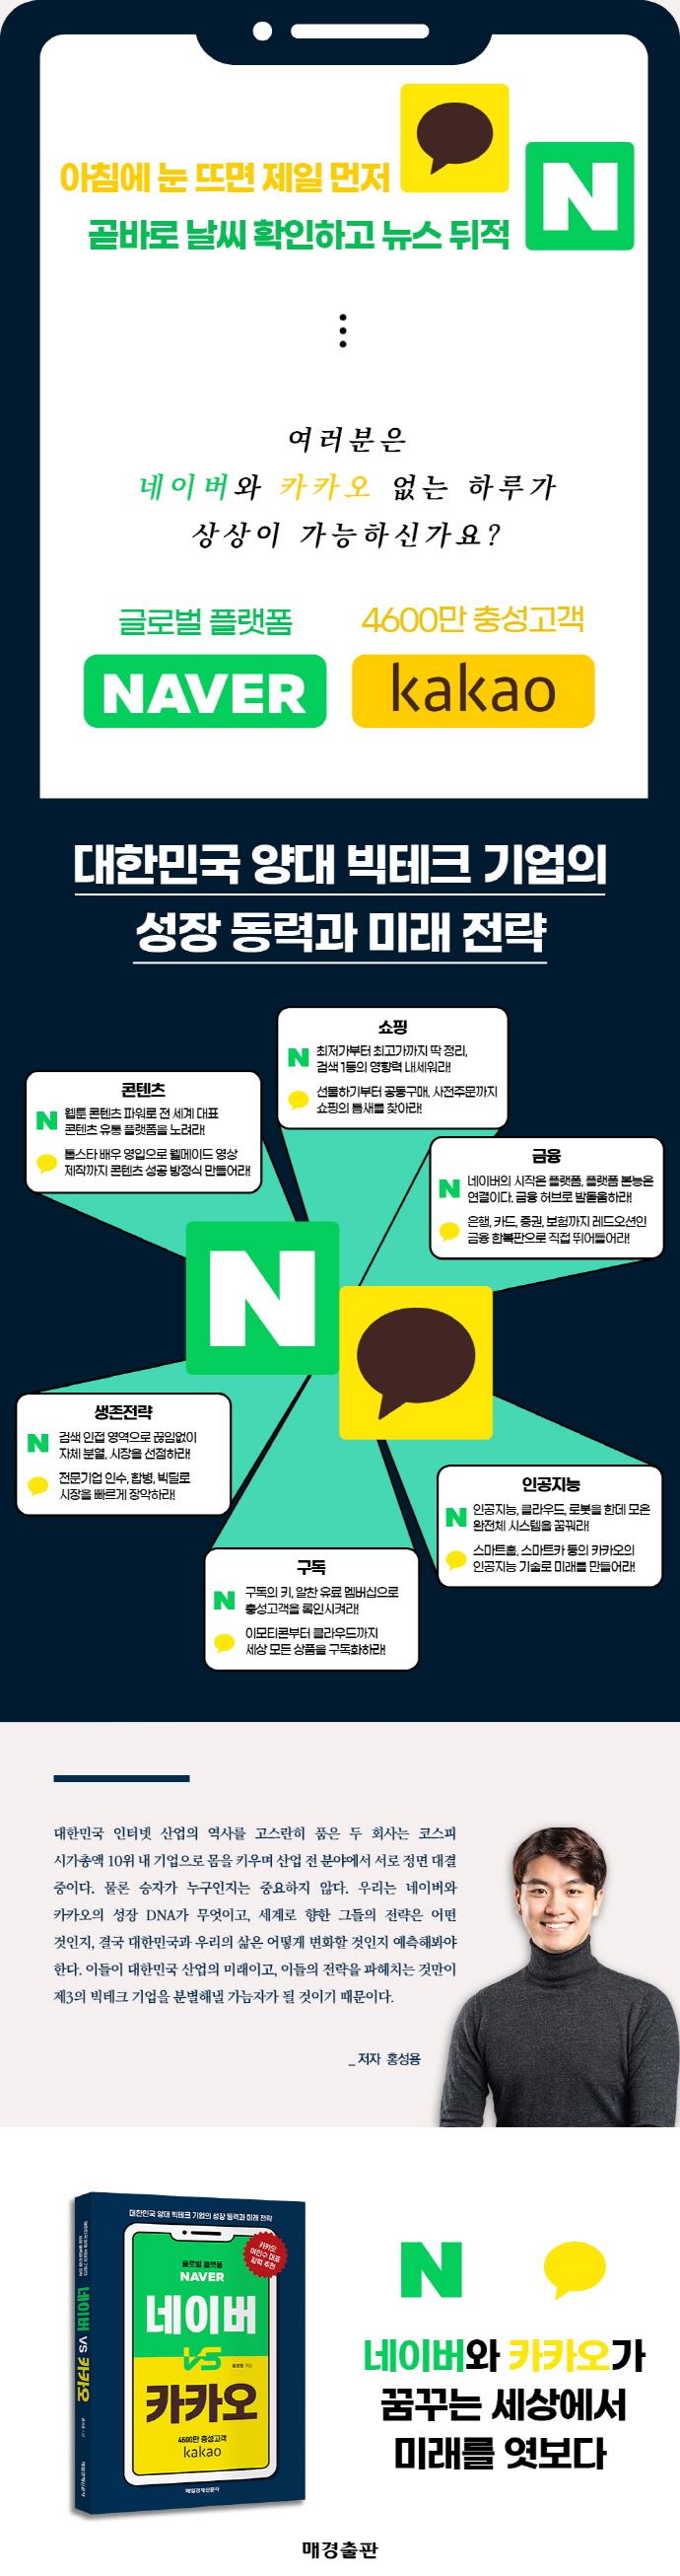 네이버 vs 카카오 도서 상세이미지